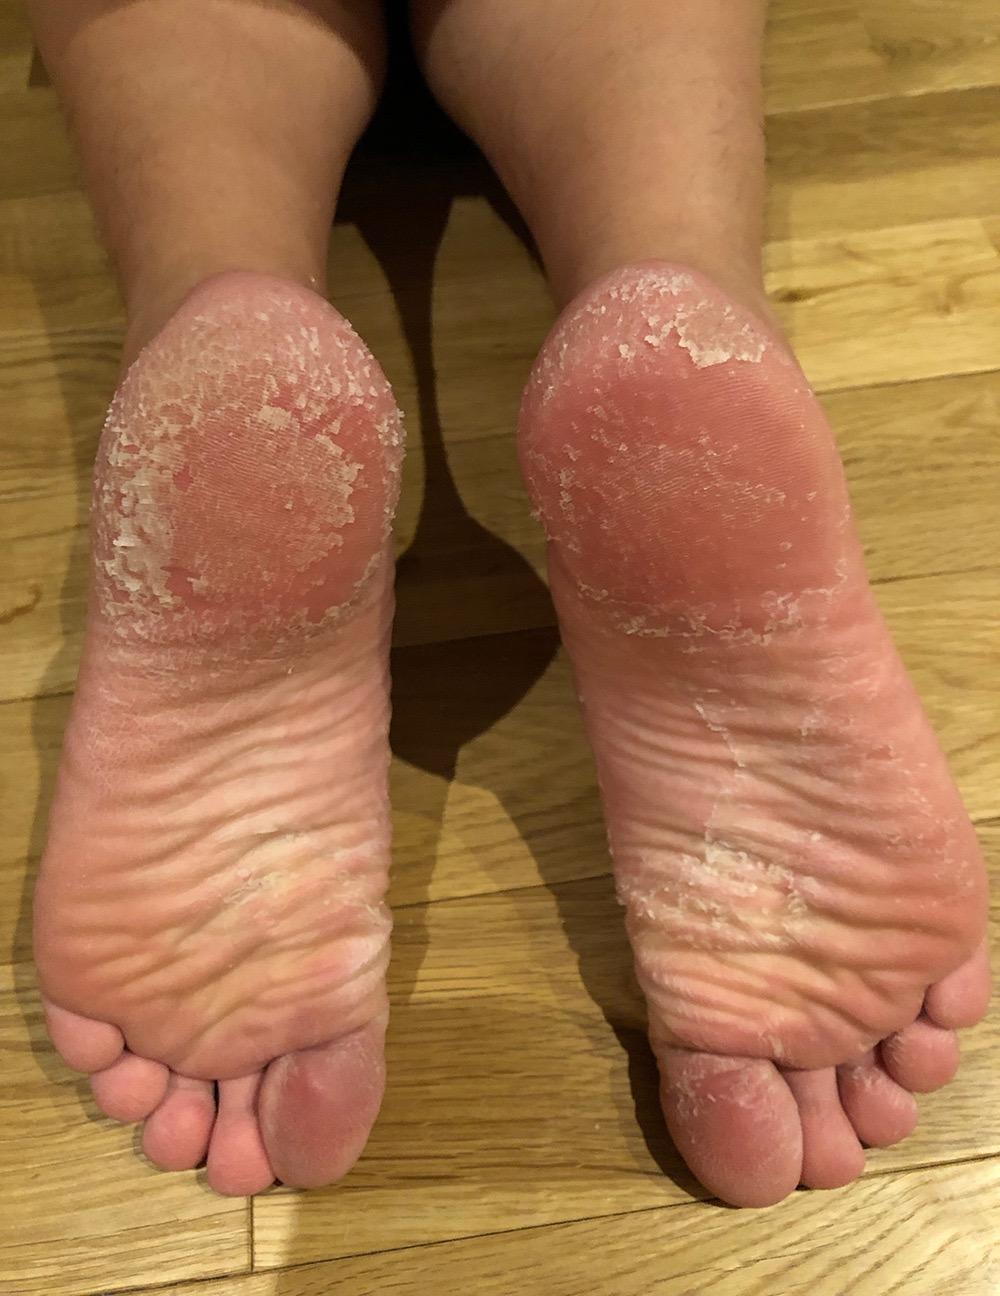 の 裏 むける 風呂 上がり お 足 皮 が